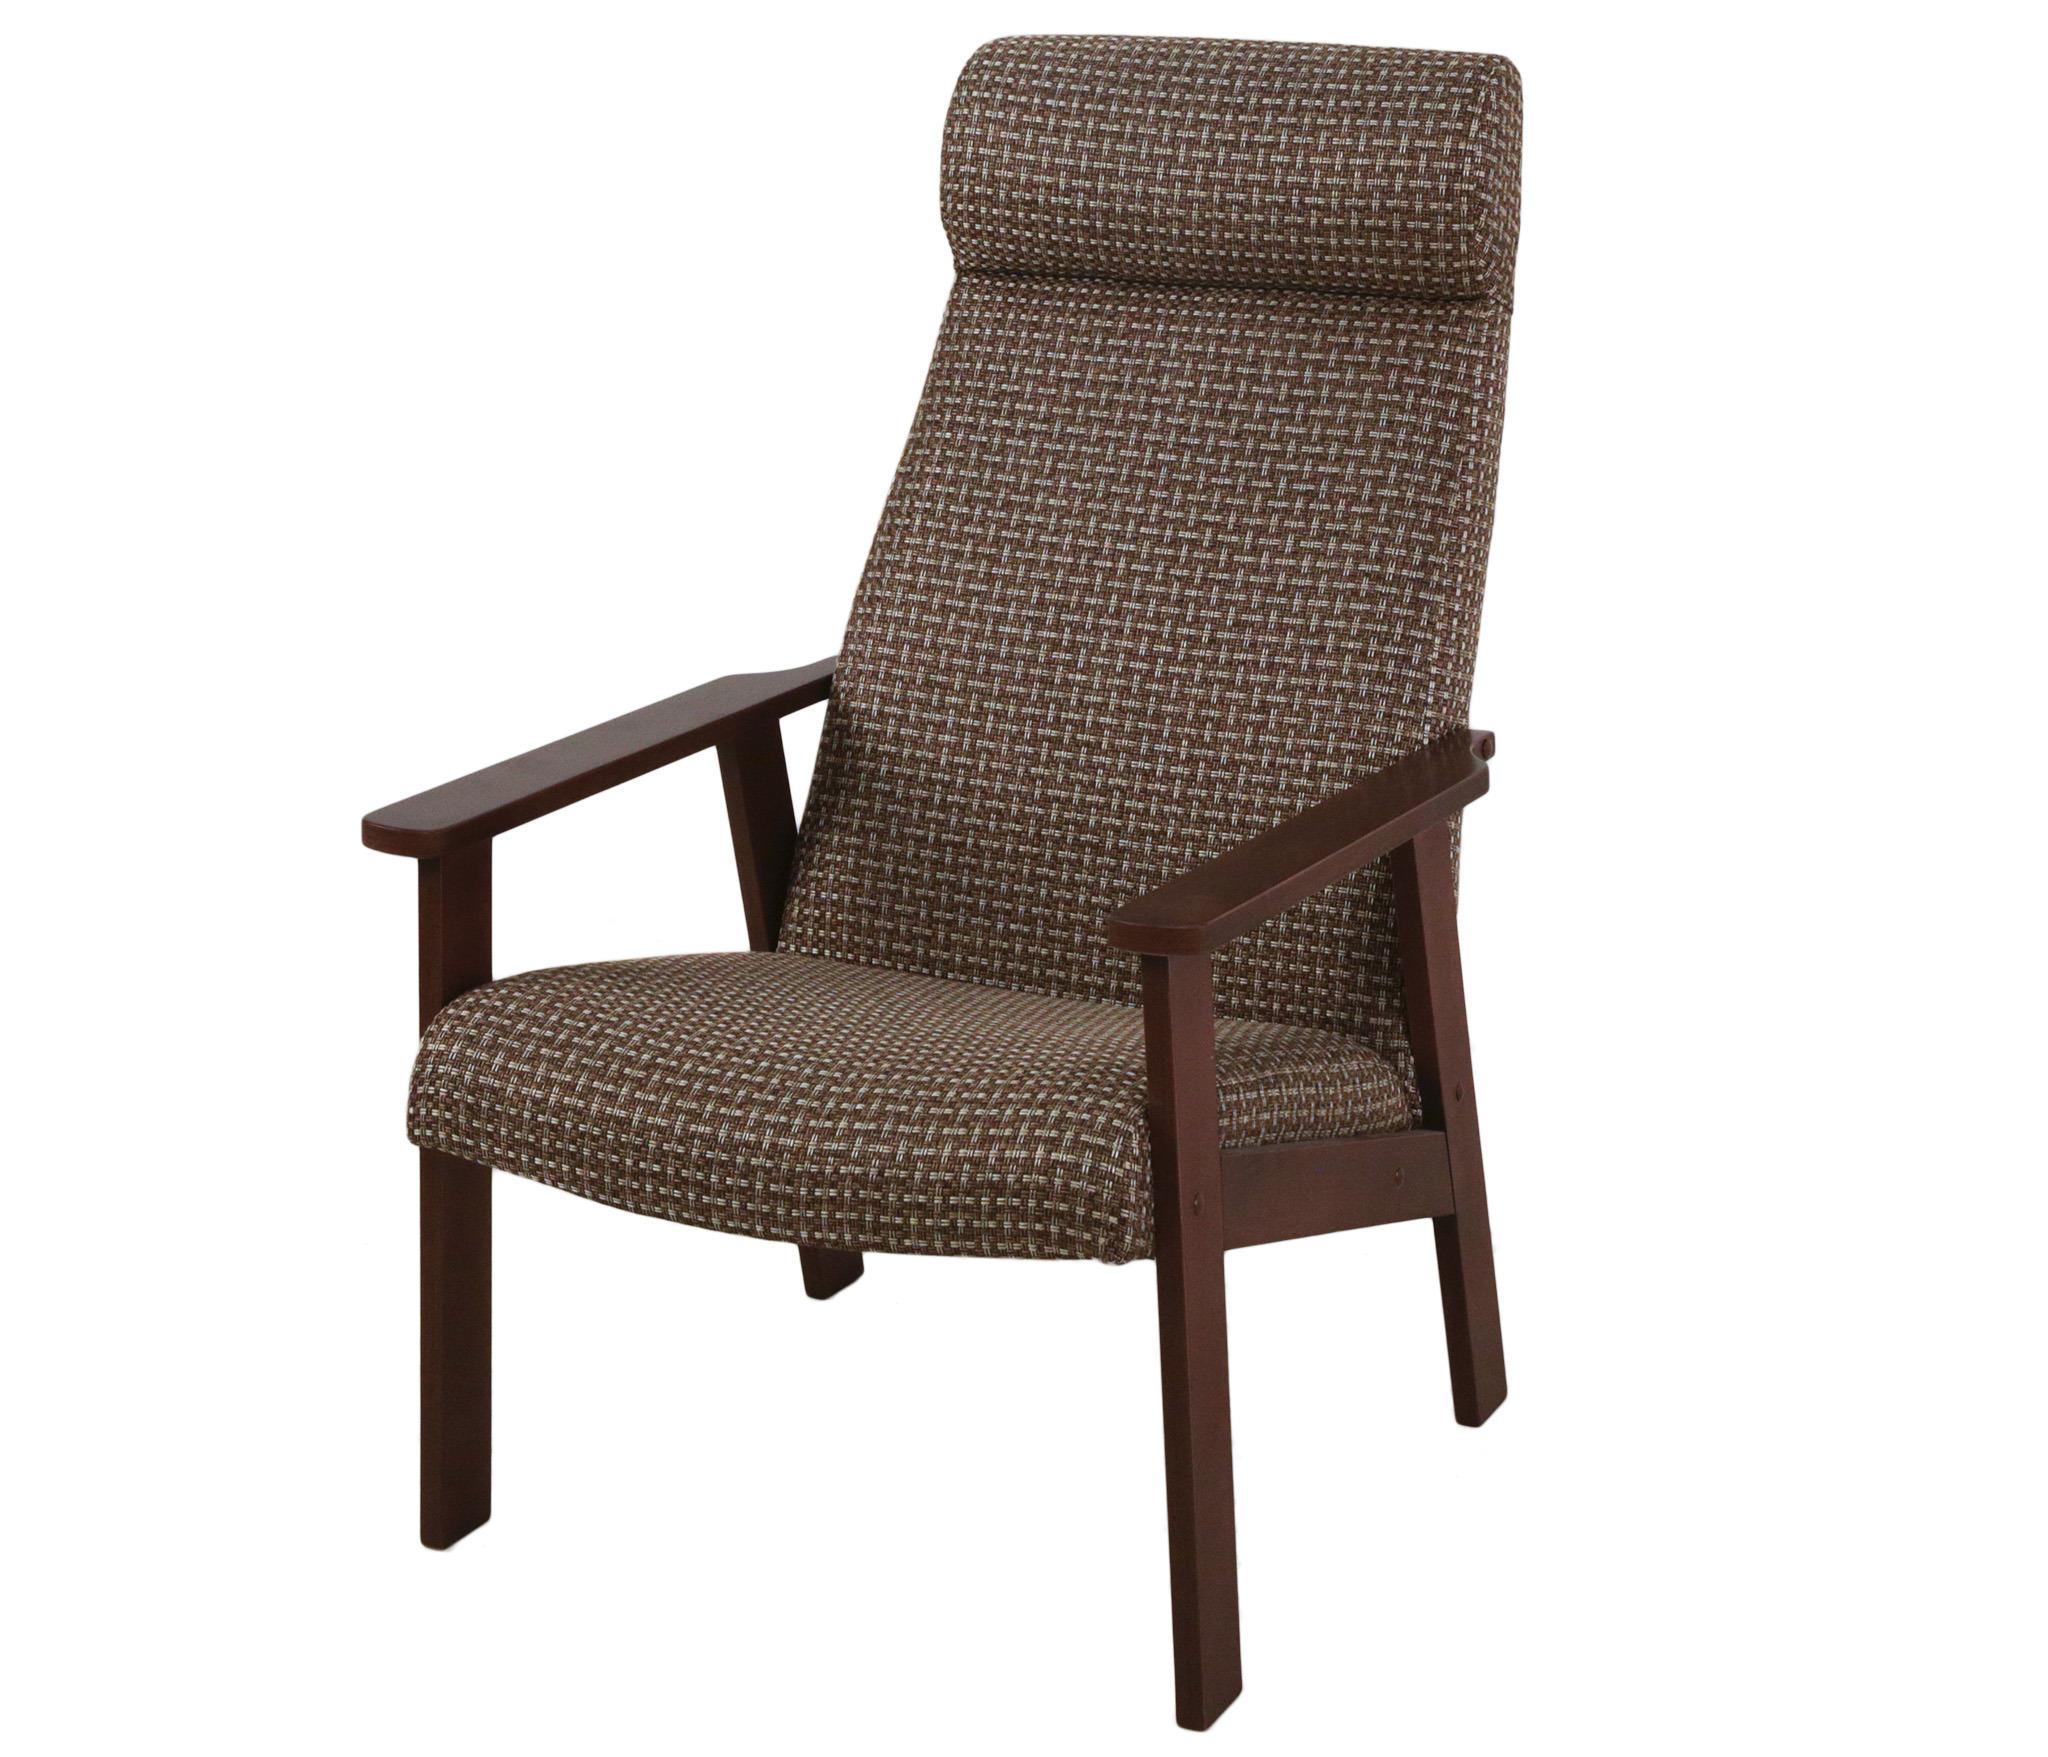 Кресло для отдыха Вилора, Орех, рогожка 051-4 мягкие кресла